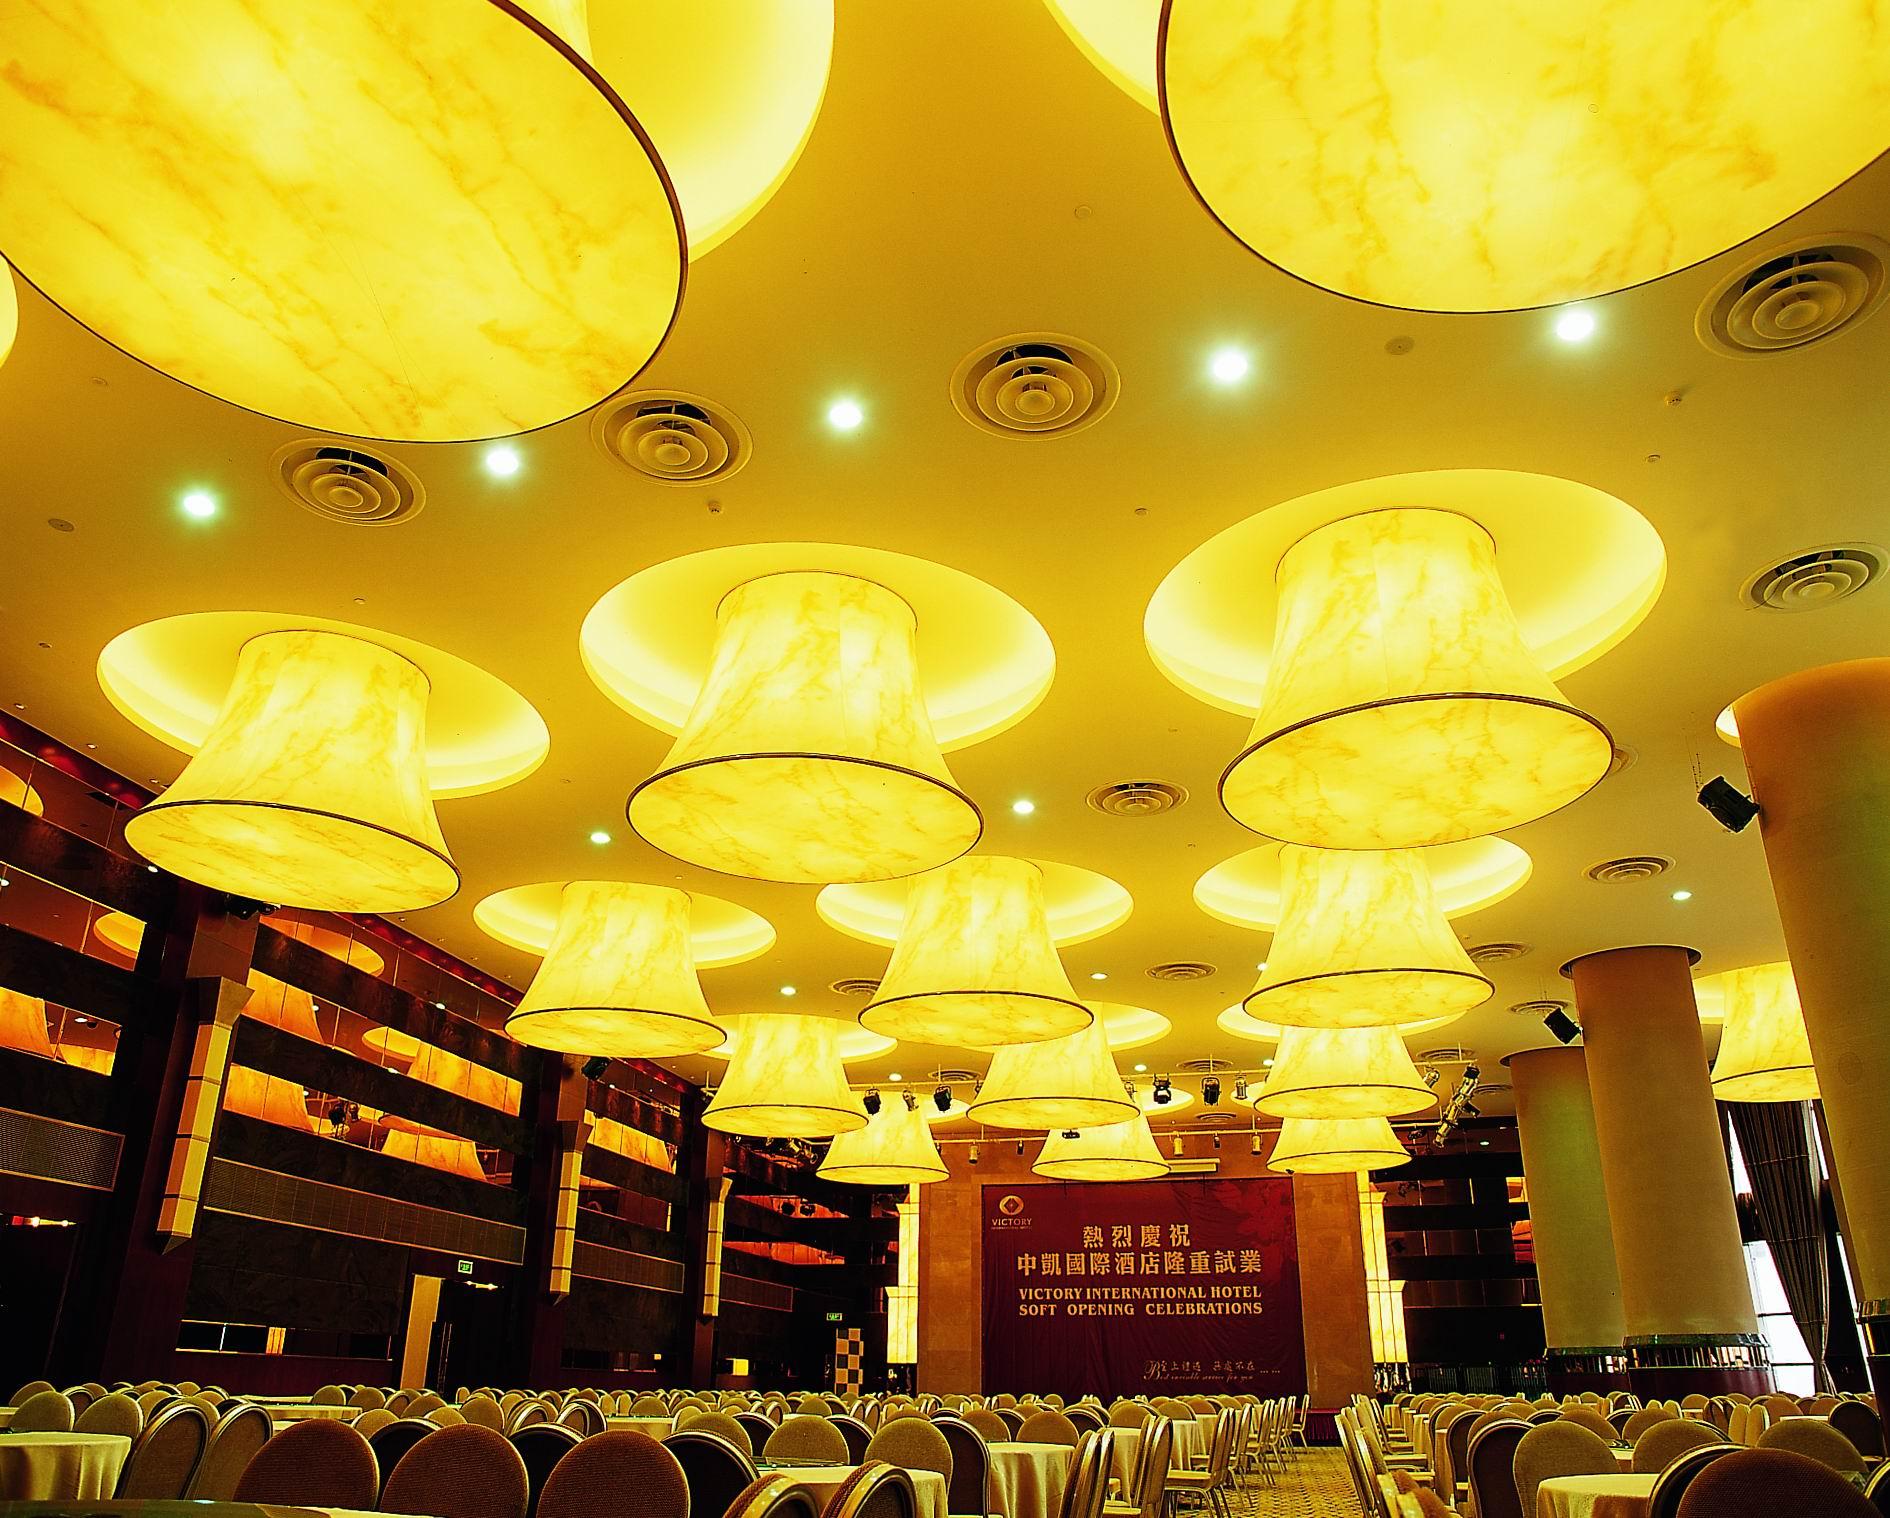 上海建筑装潢材料_上海凯域建筑装饰材料有限公司-软膜天花,A级防火膜,金属马赛克